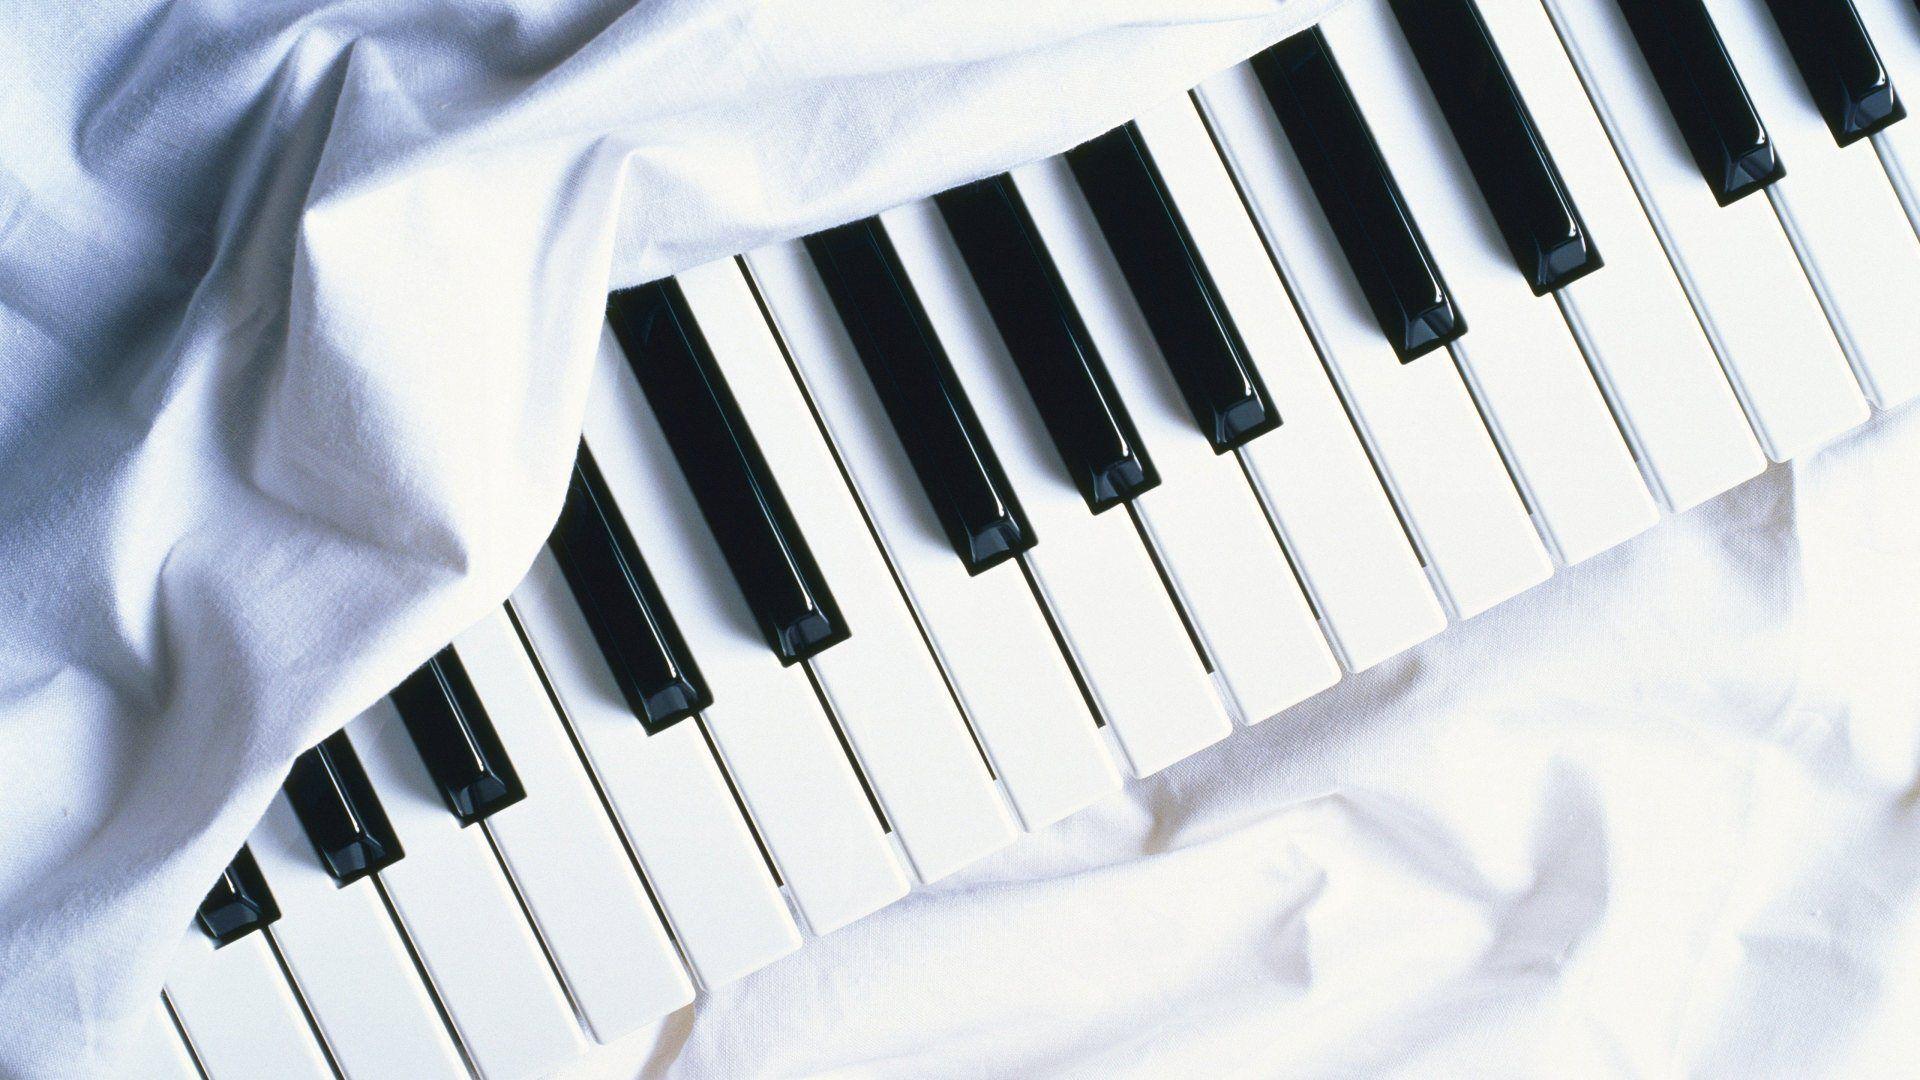 Piano Computer Wallpapers Desktop Backgrounds Desktop Background